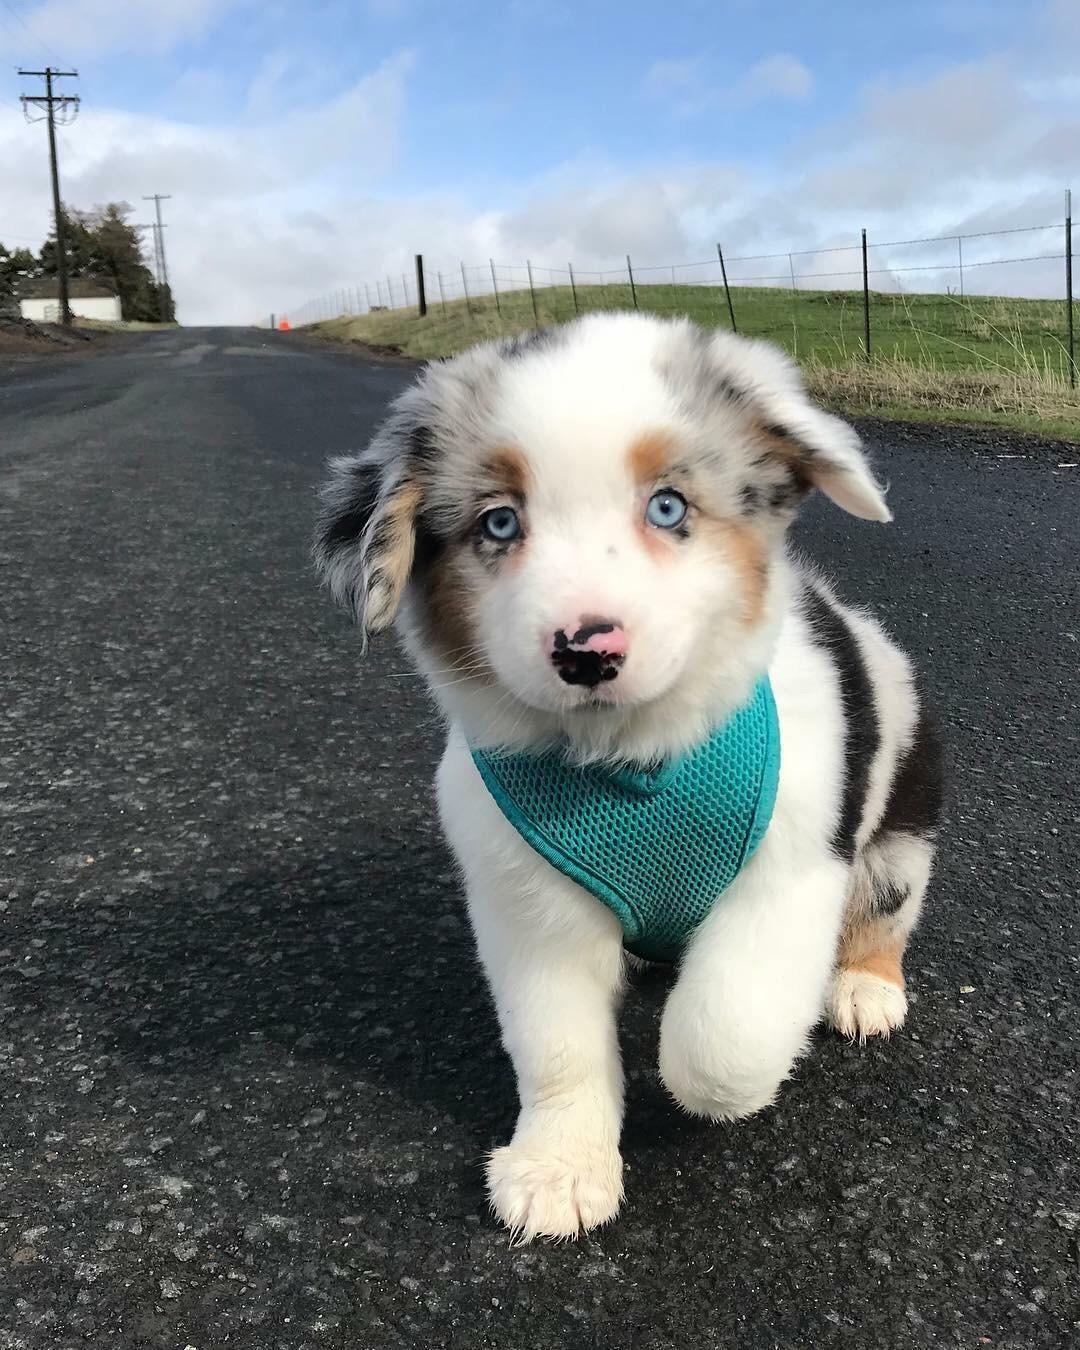 My pup, Zephyr.